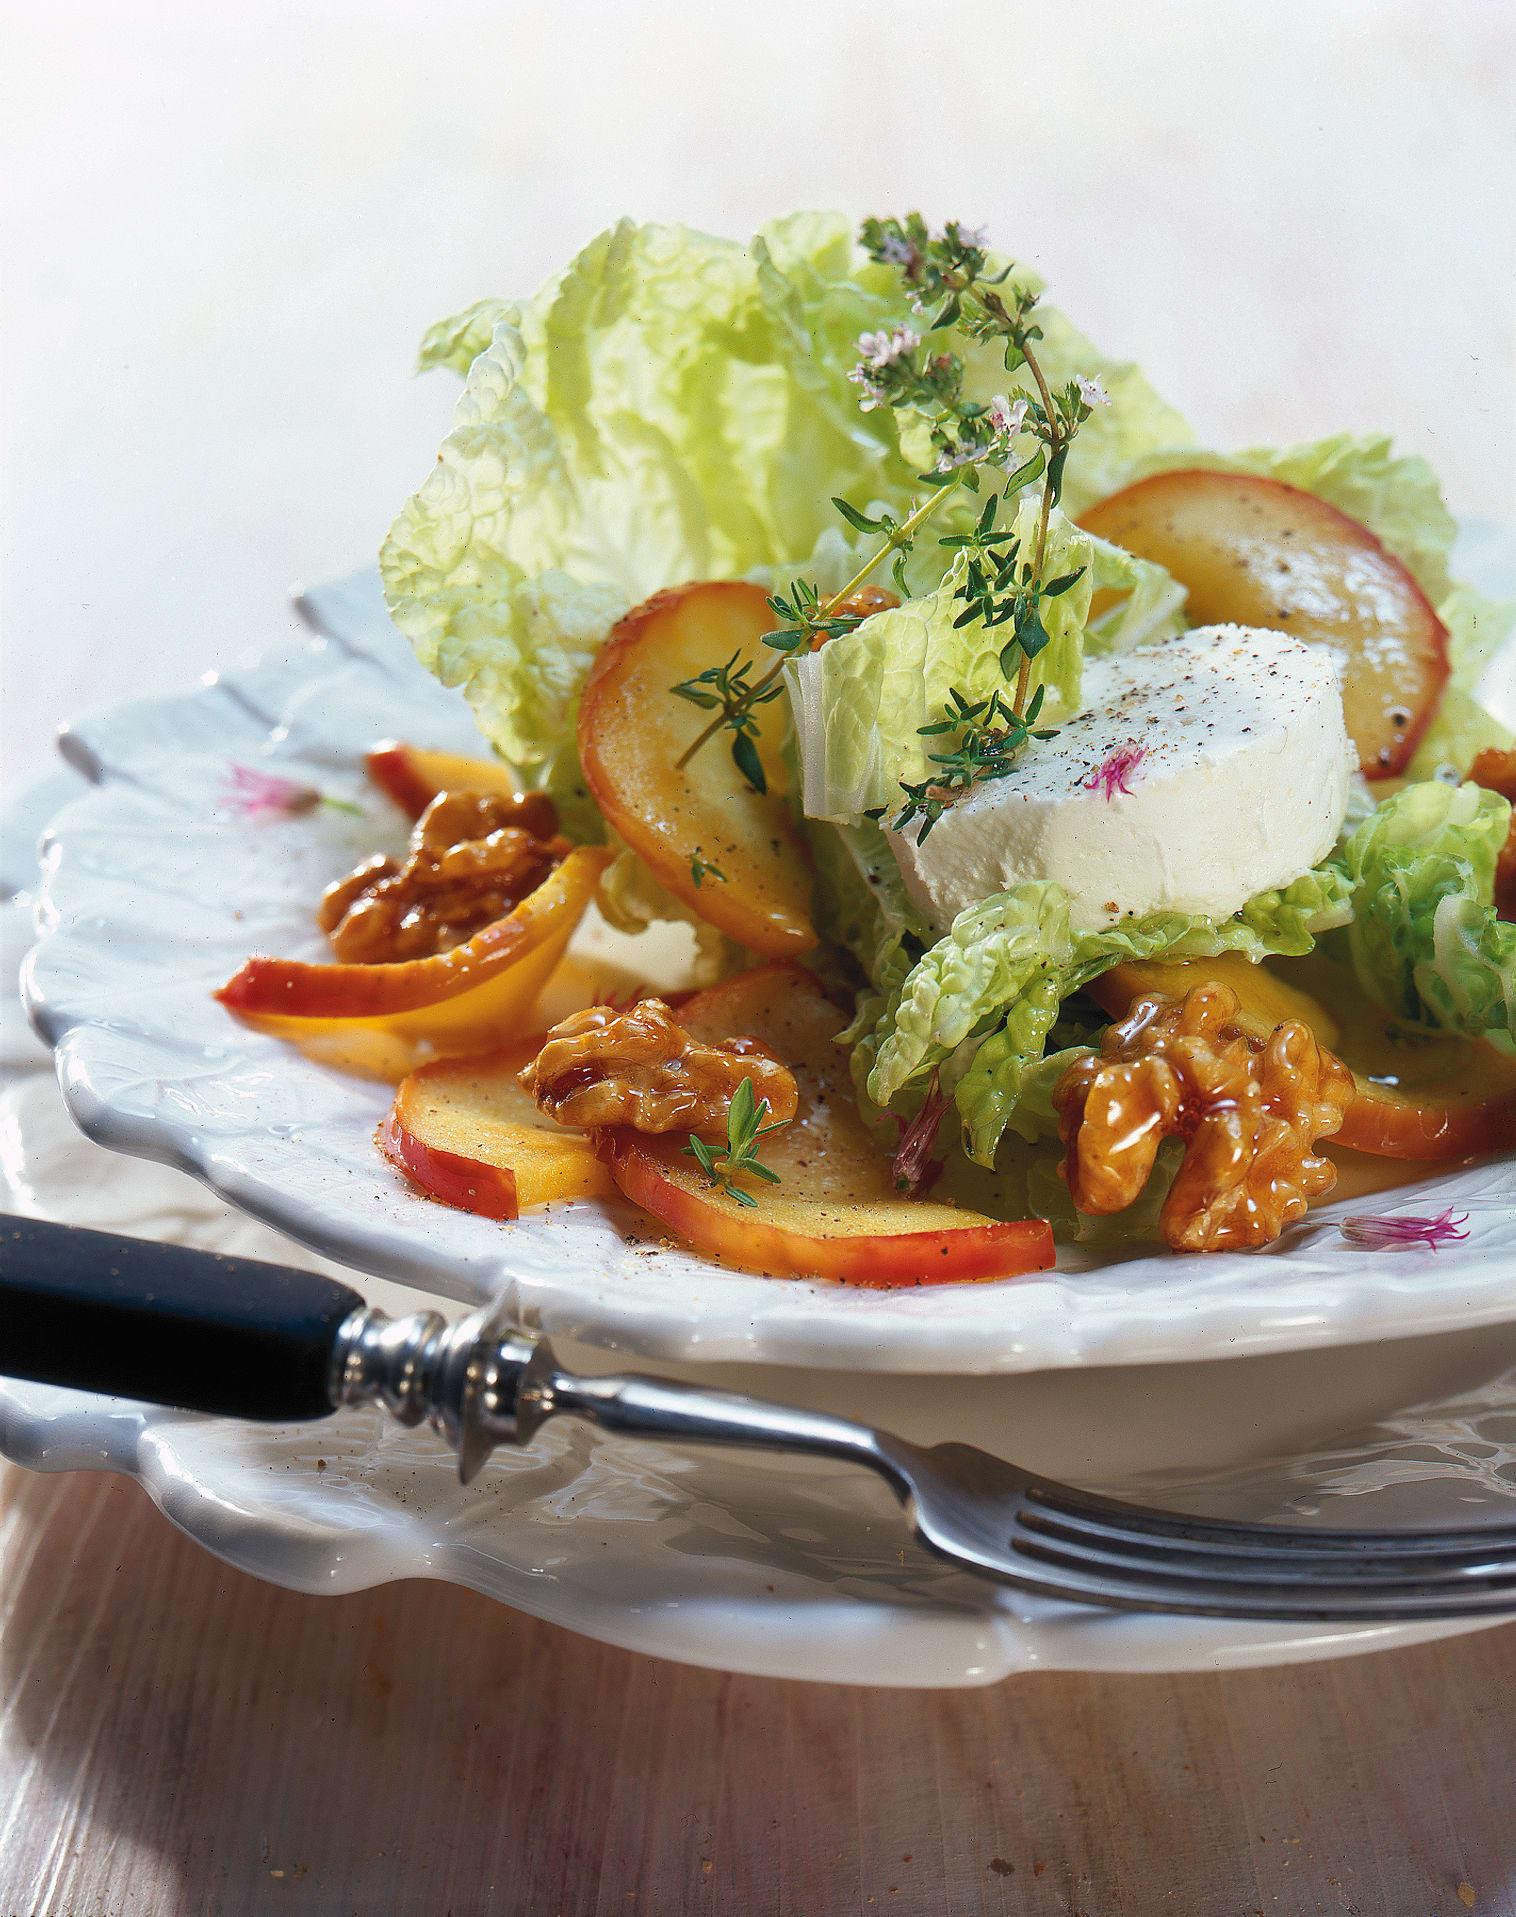 Kohlsalat mit Nuss, gedämpftem Apfel und Formaggini